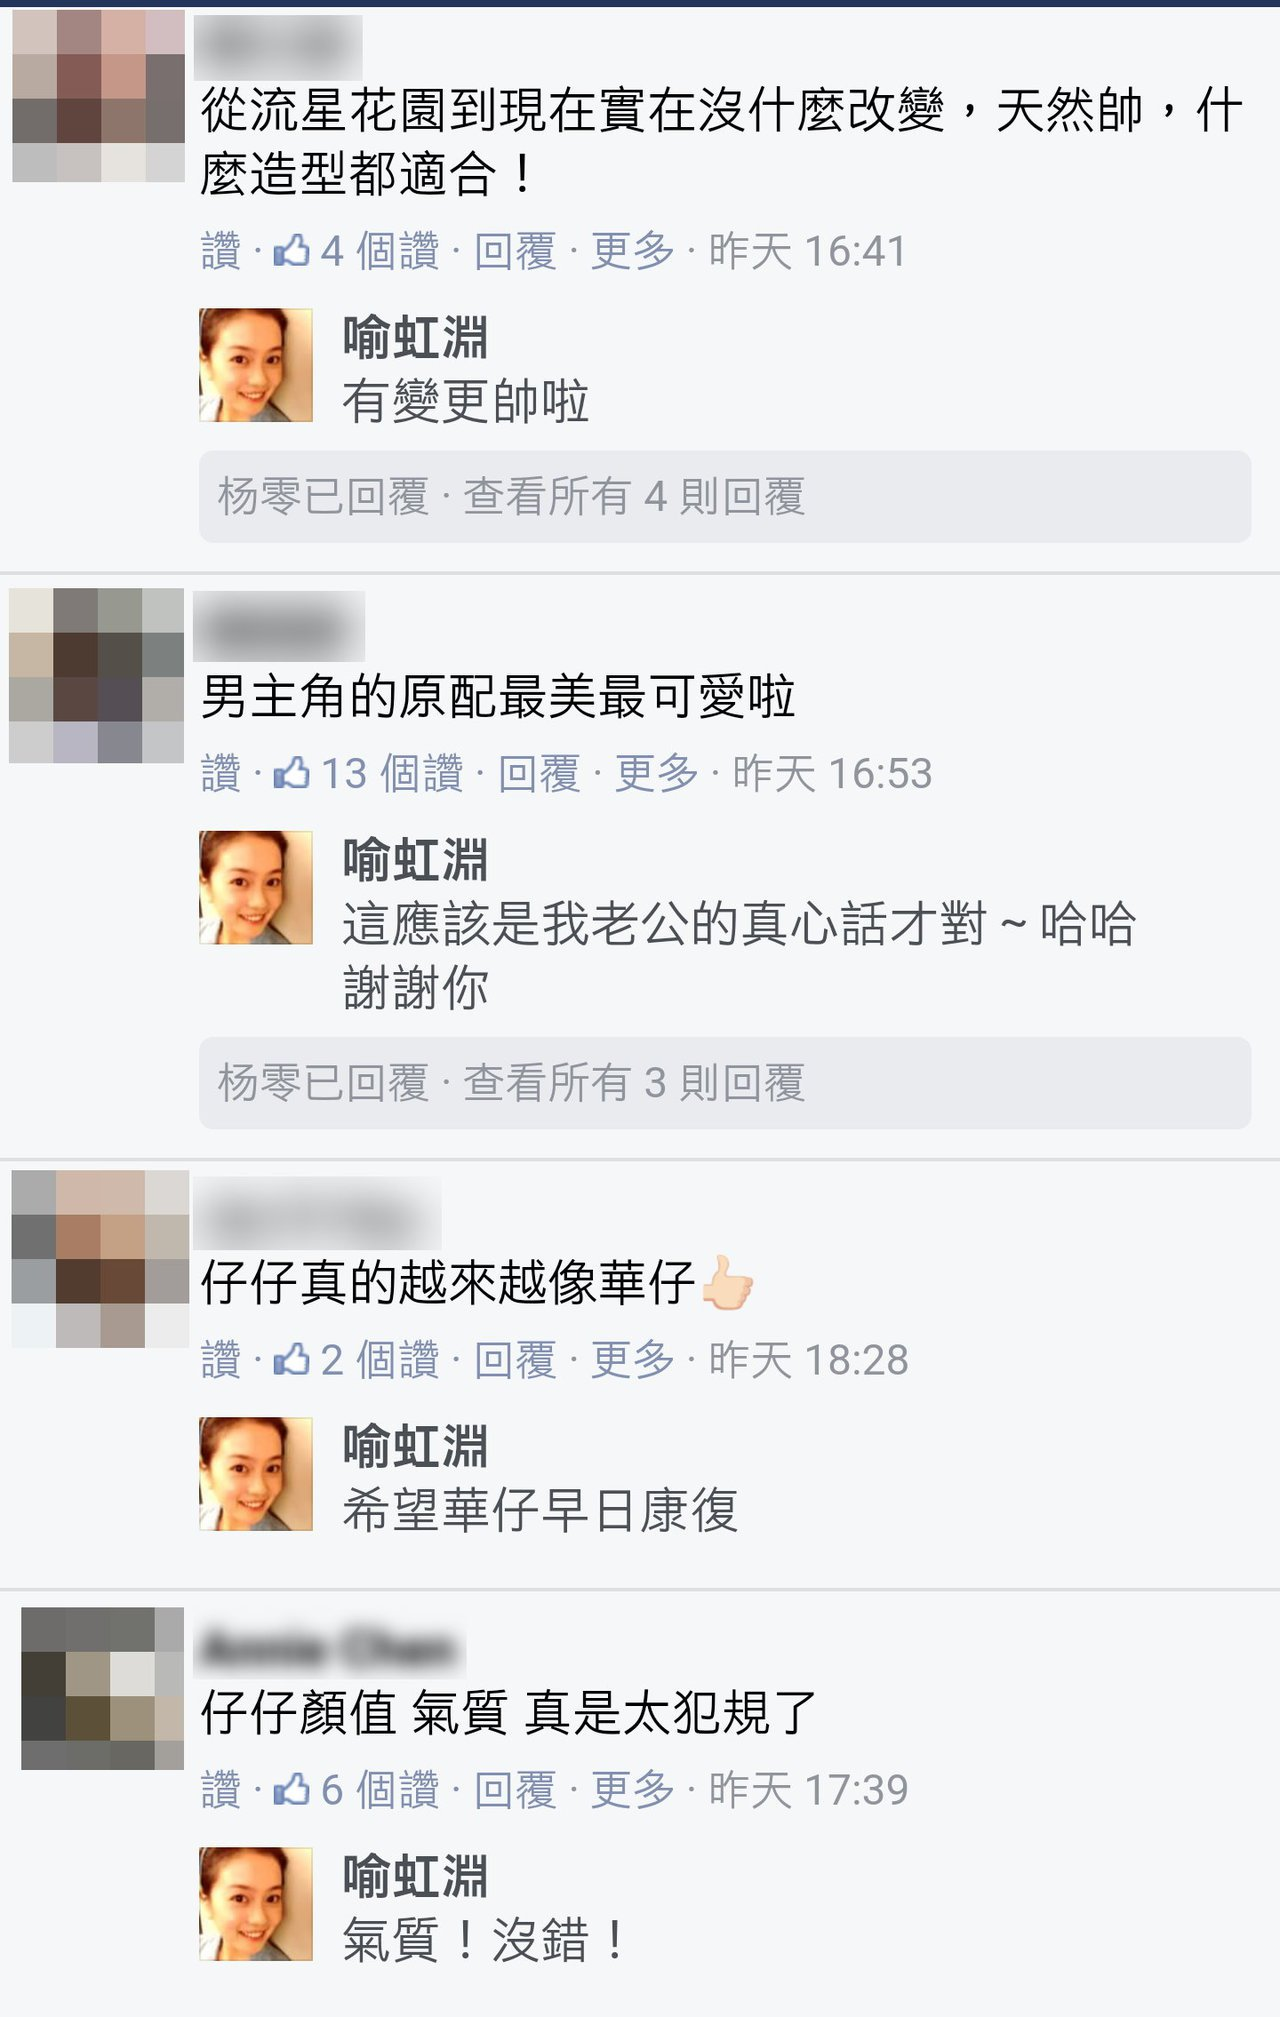 圖/擷自喻虹淵臉書